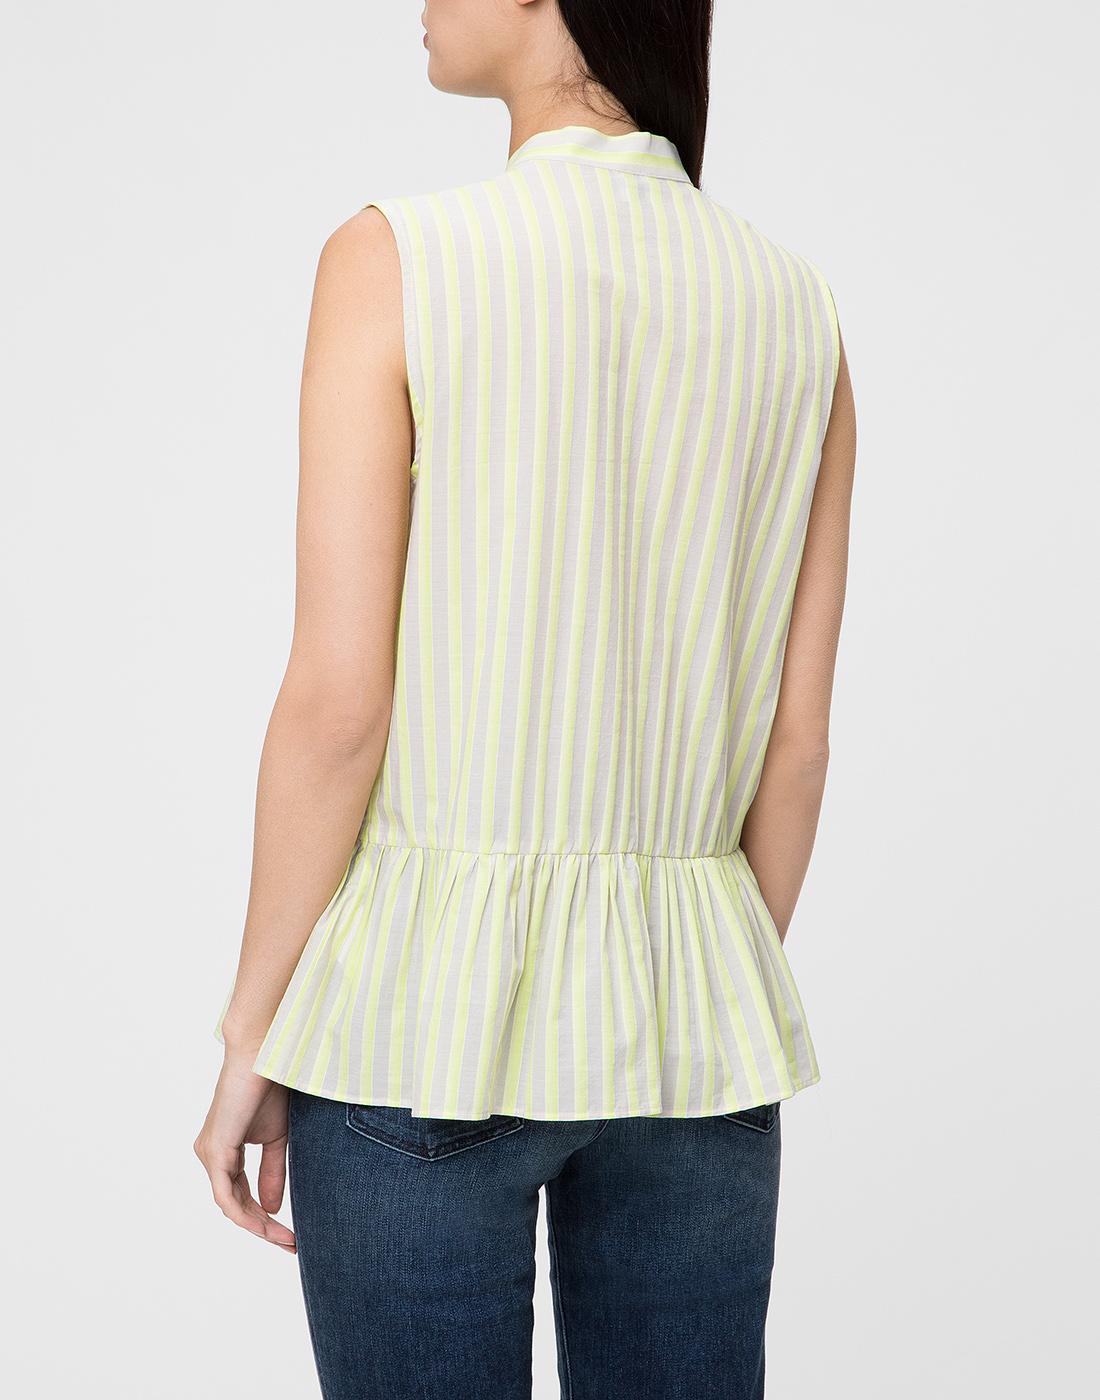 Женская блуза в полоску Paul Smith S095M/864-4